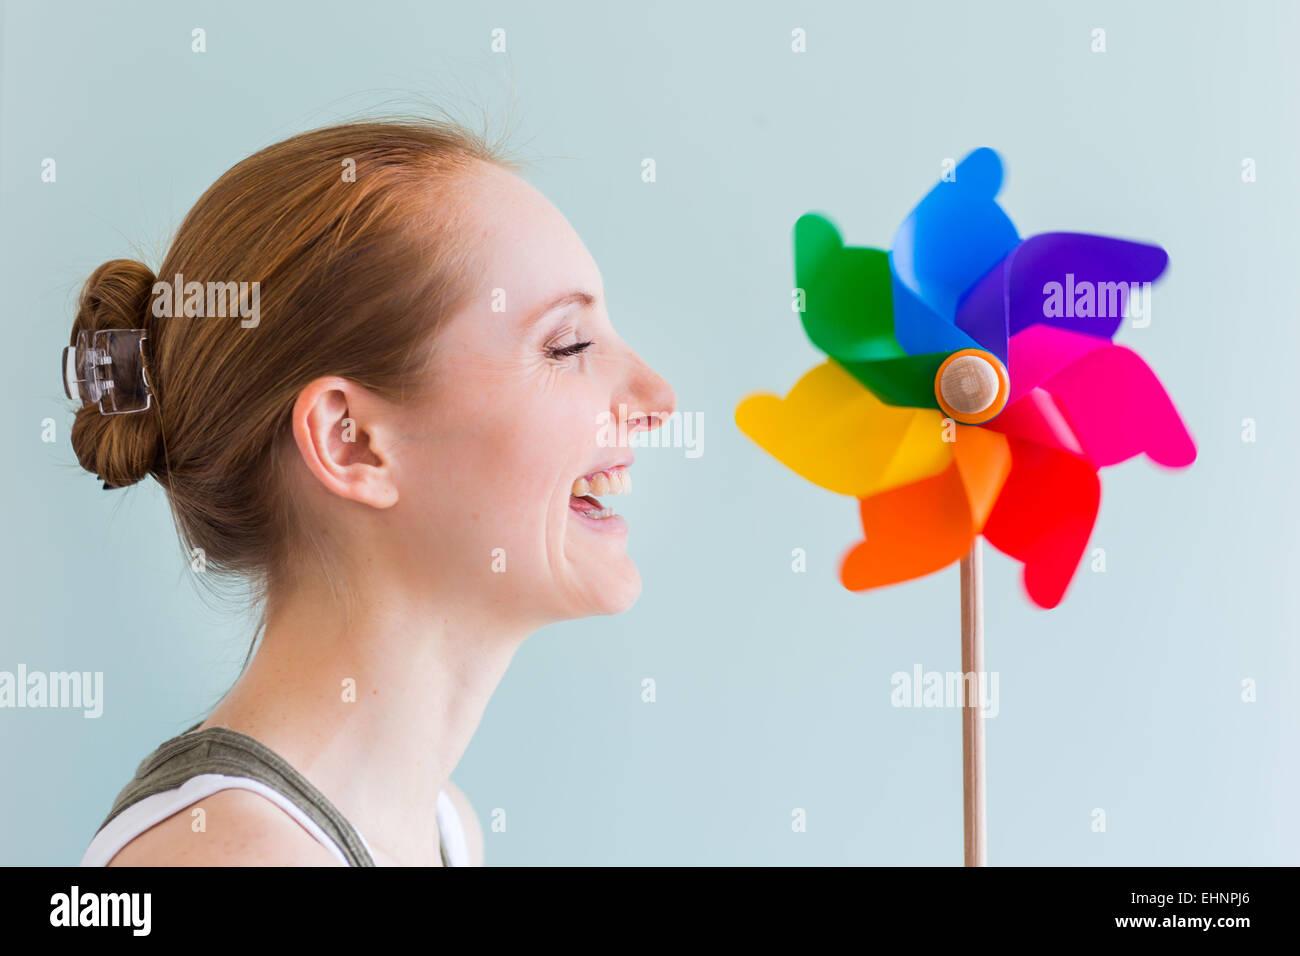 Image conceptuelle du souffle. Photo Stock